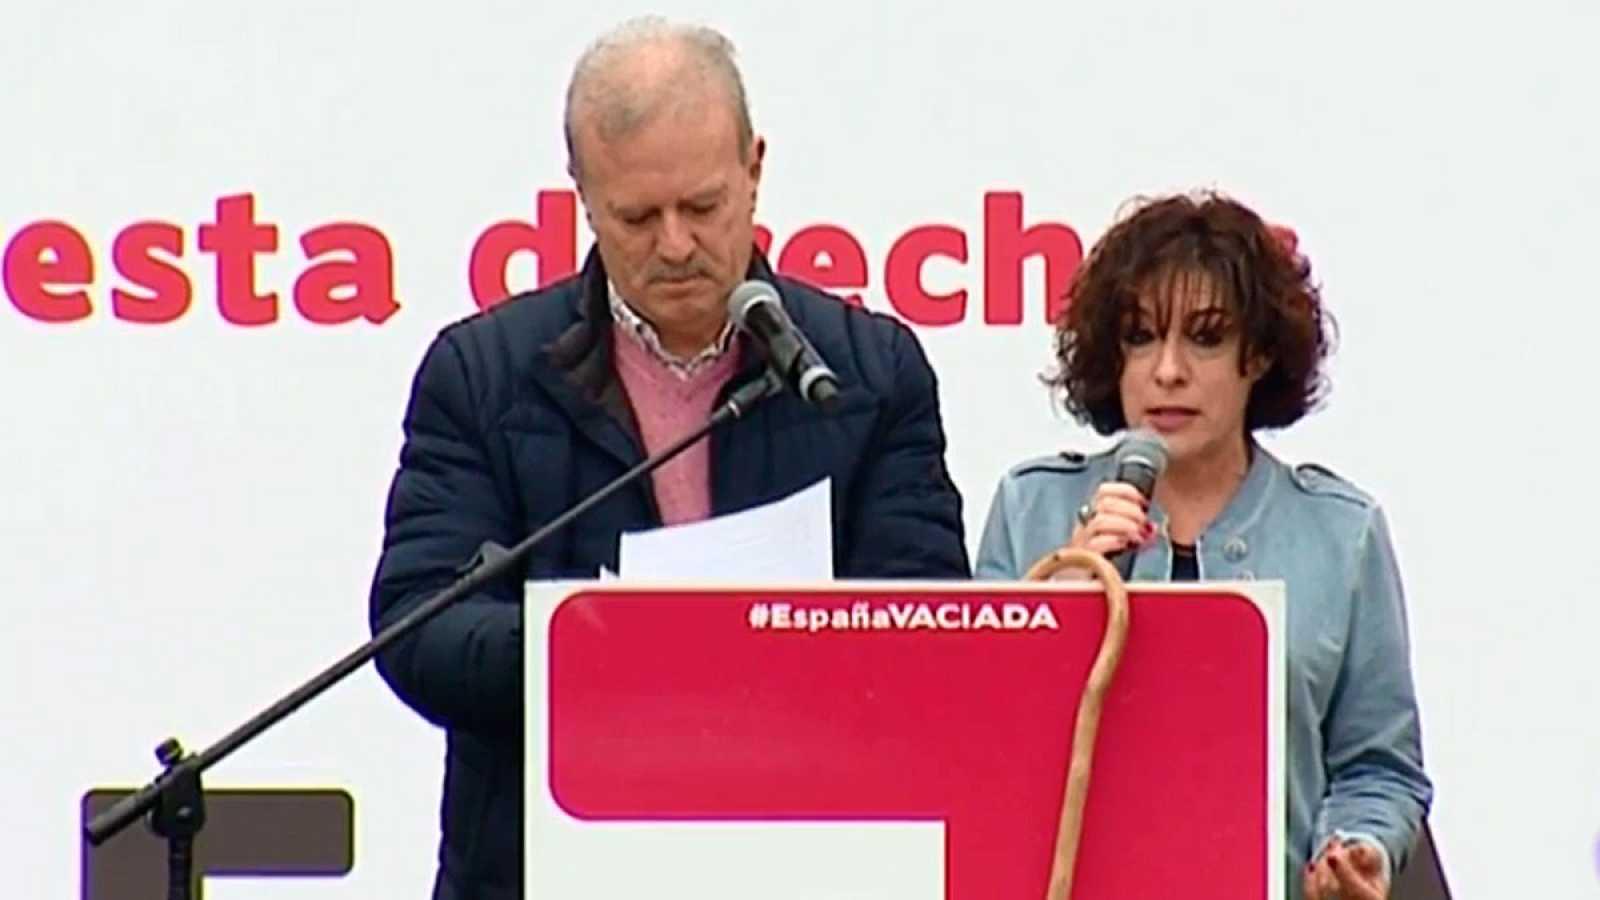 La 'España vaciada' pide en un manifiesto que los políticos presten más atención a los territorios que pierden población